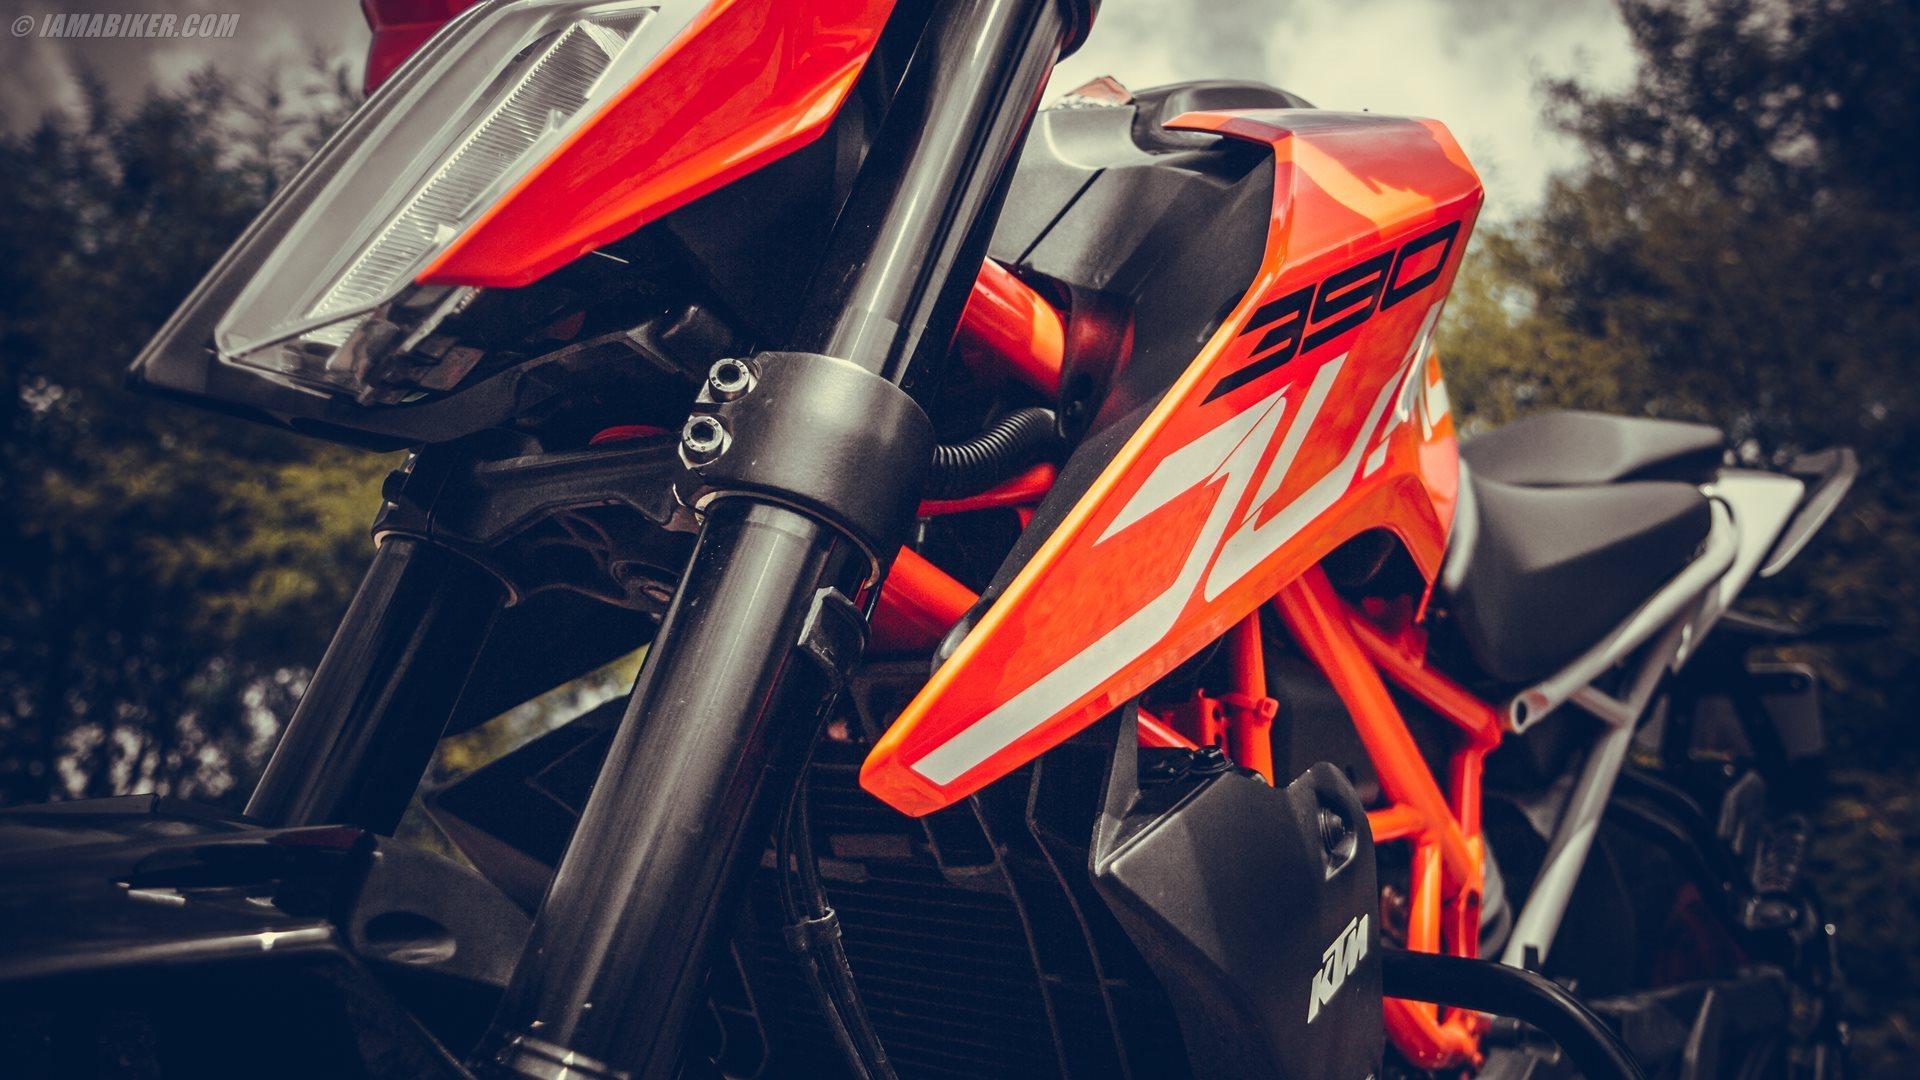 KTM Duke 390 HD Wallpapers IAMABIKER 1920x1080